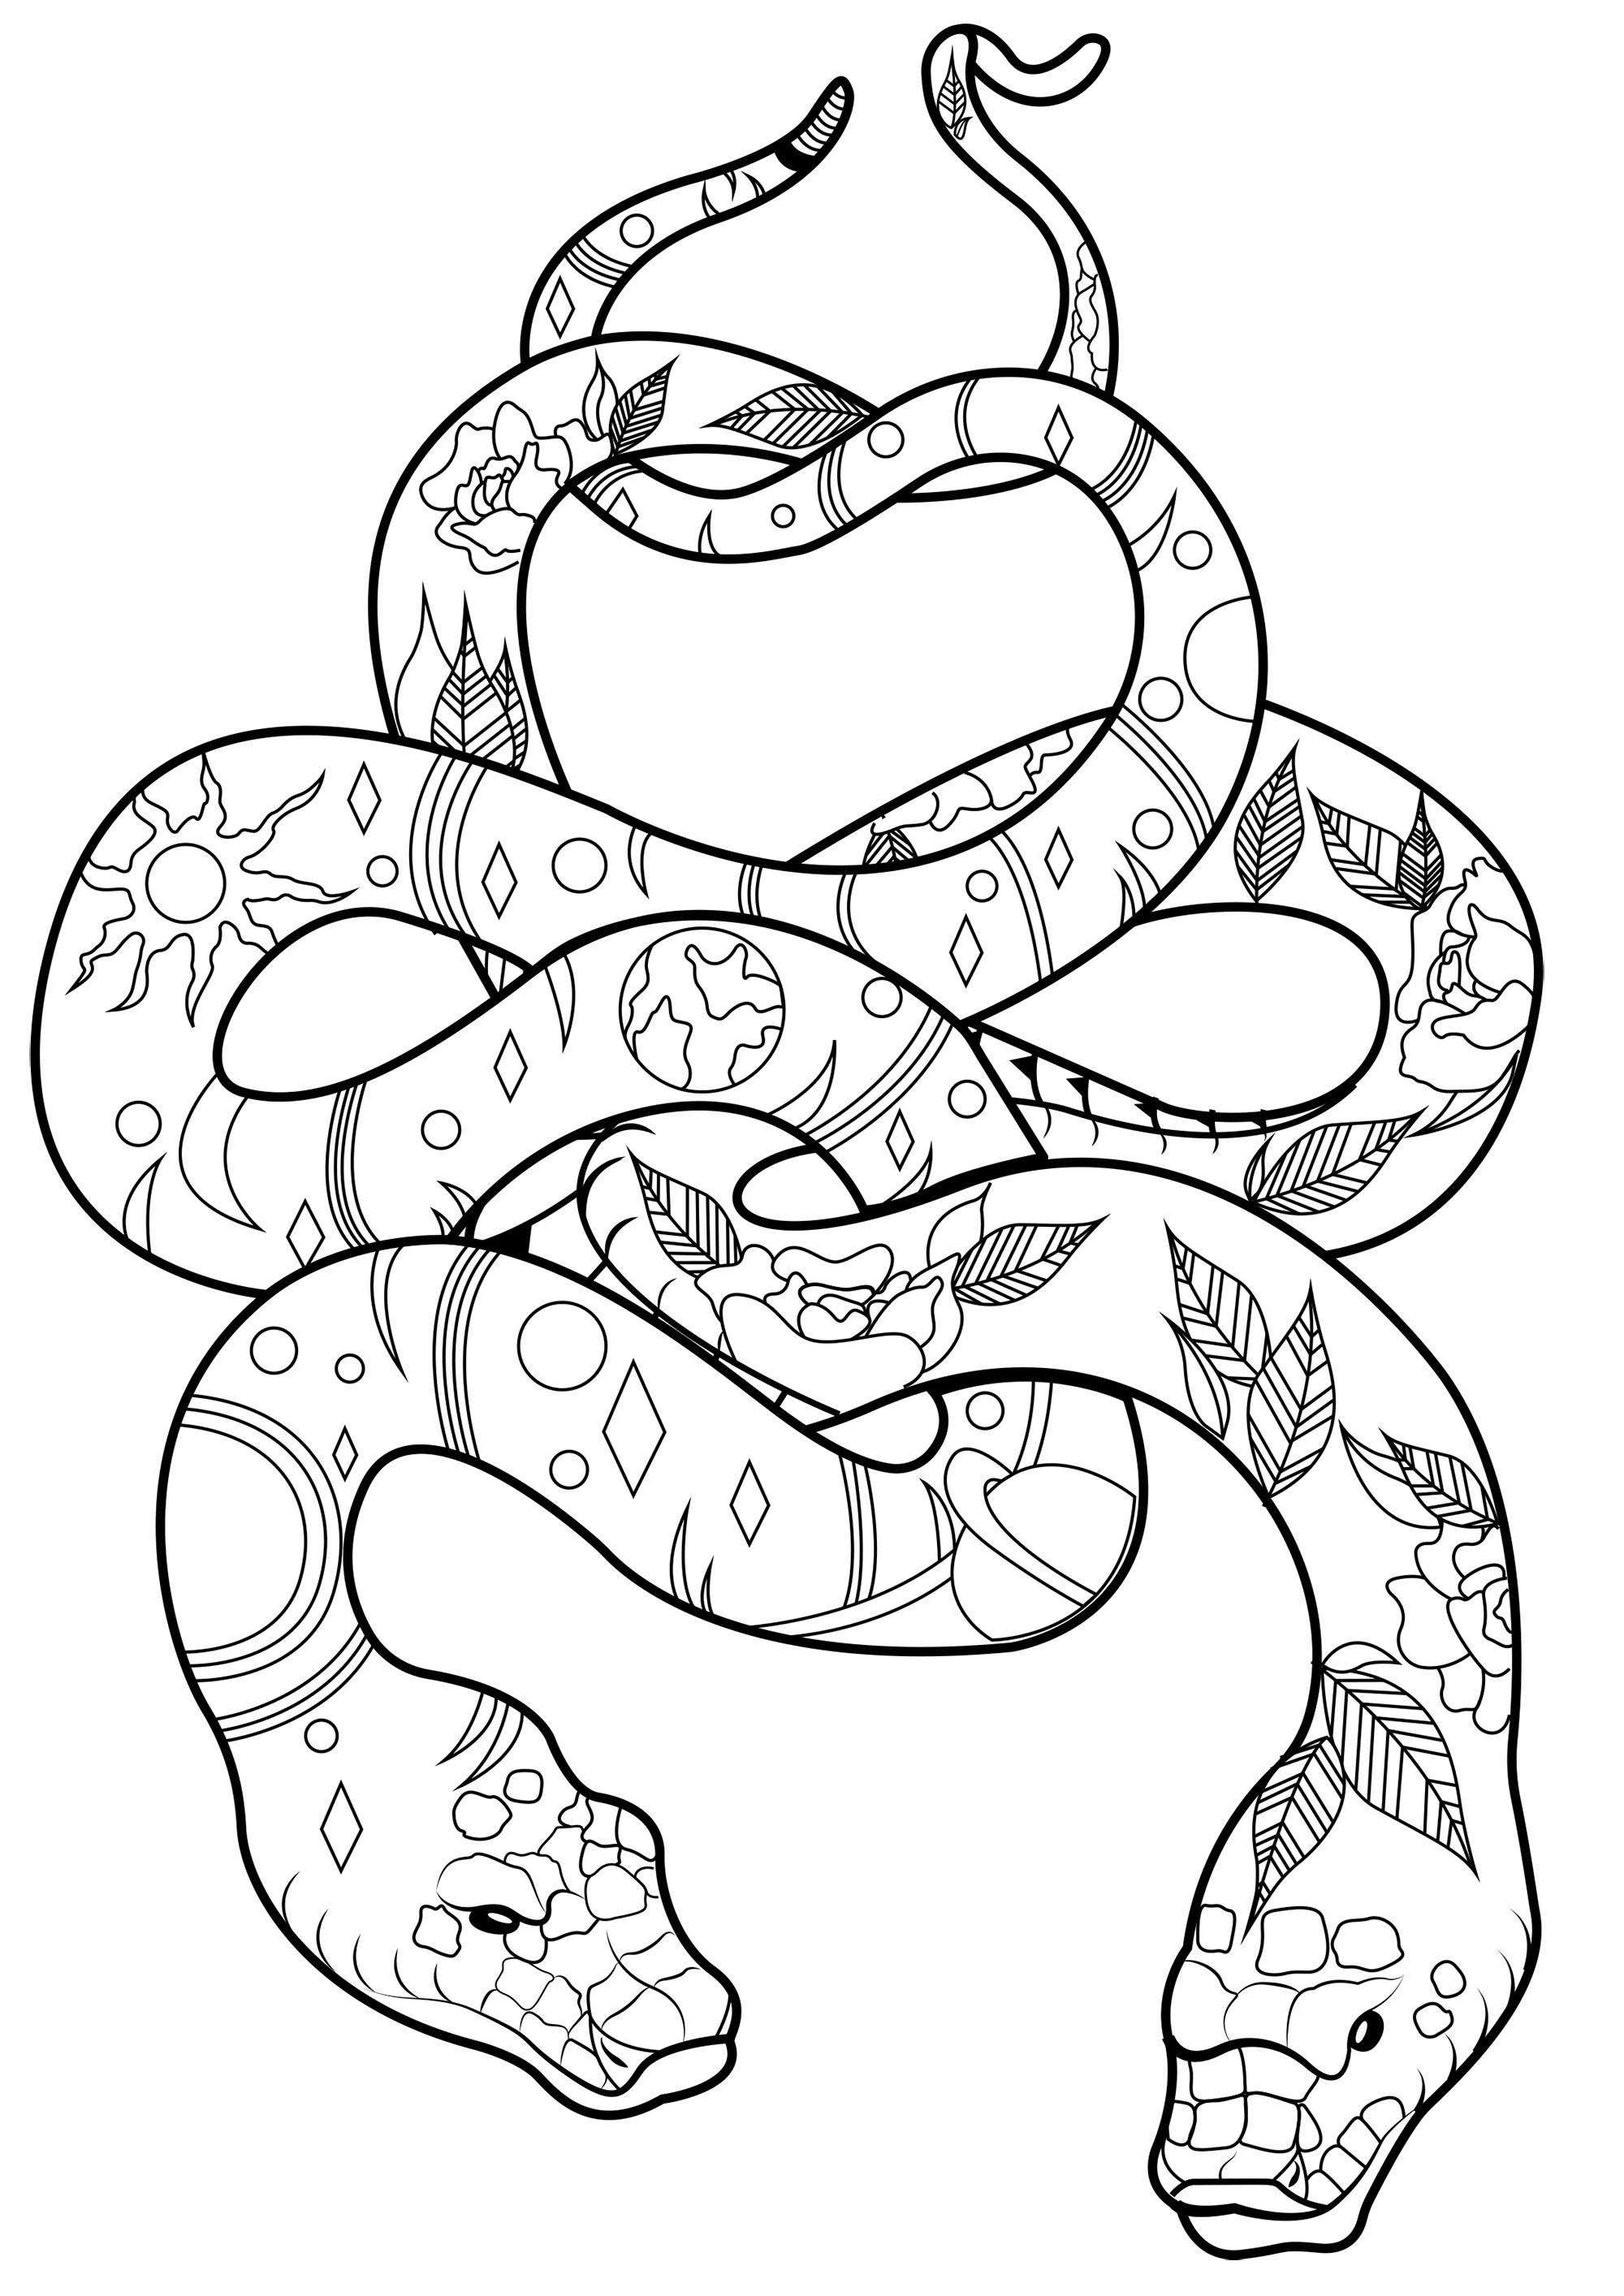 Deux serpents magnifiques et élégants, liés entre eux, pleins de motifs cool à colorier